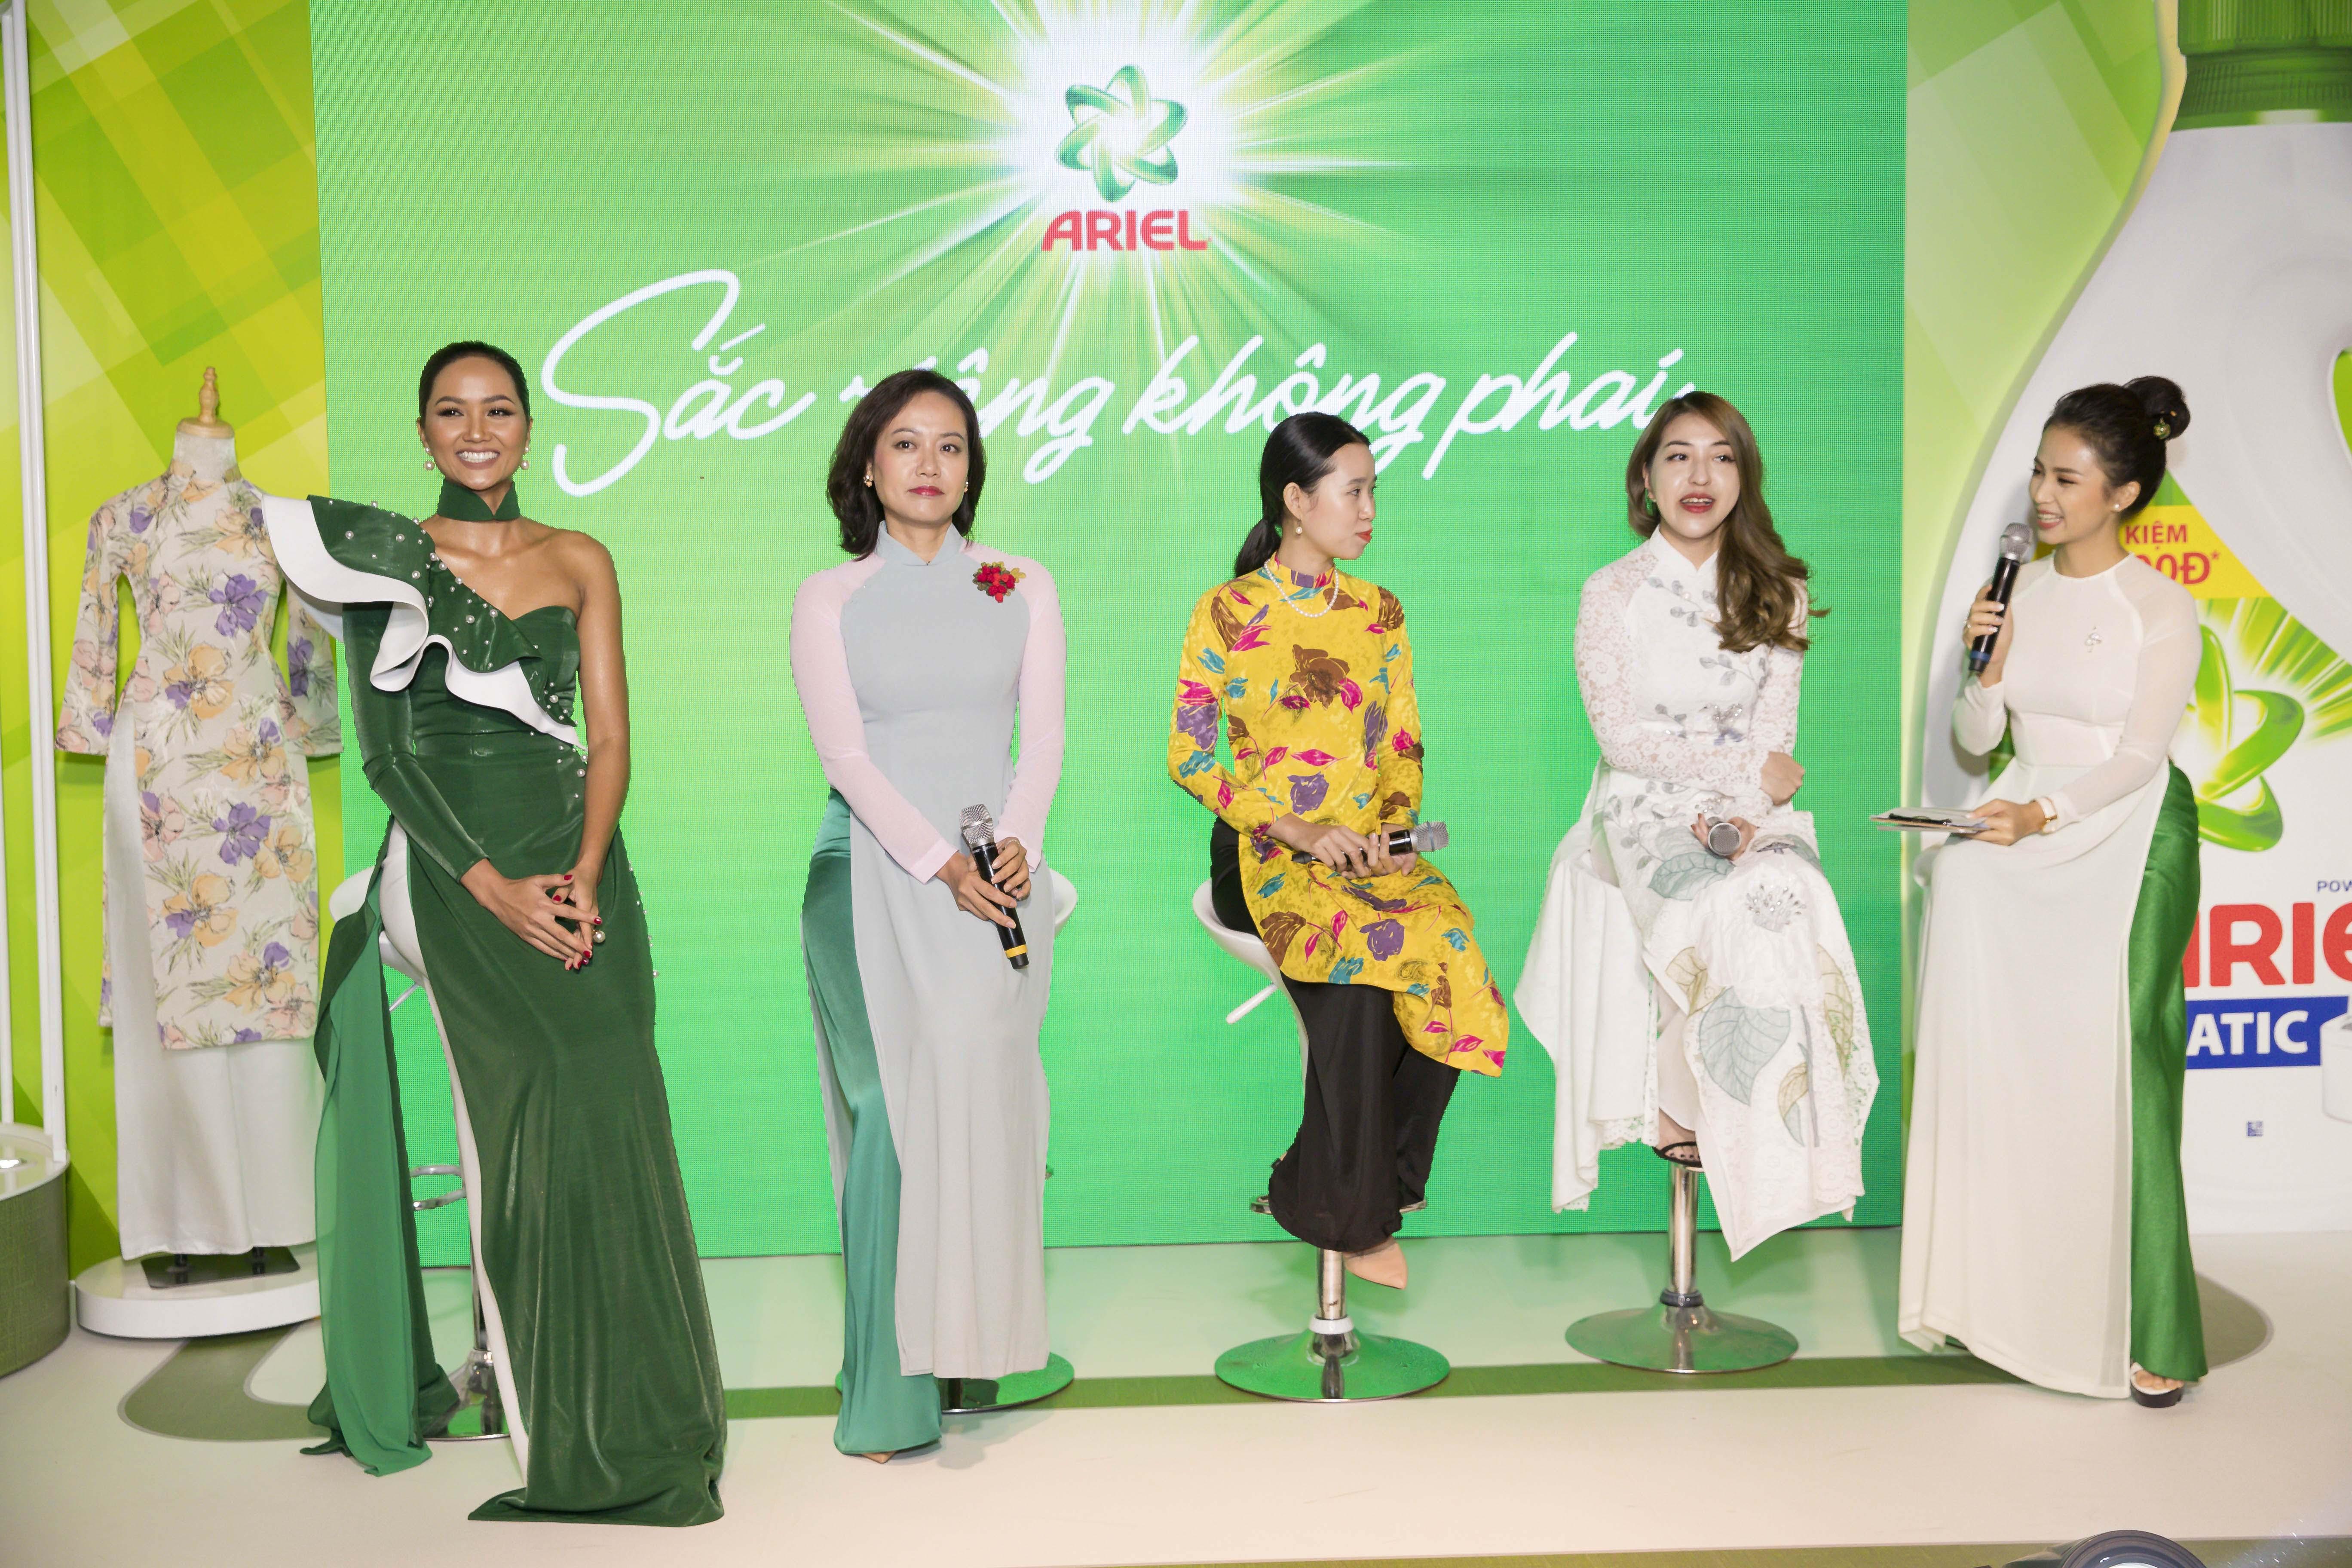 Hoa hậu H'Hen Nie và đạo diễn Hồng Ánh và Blogger Lê Ngọc , nhà văn Phan Ý Yên chia sẻ câu chuyện